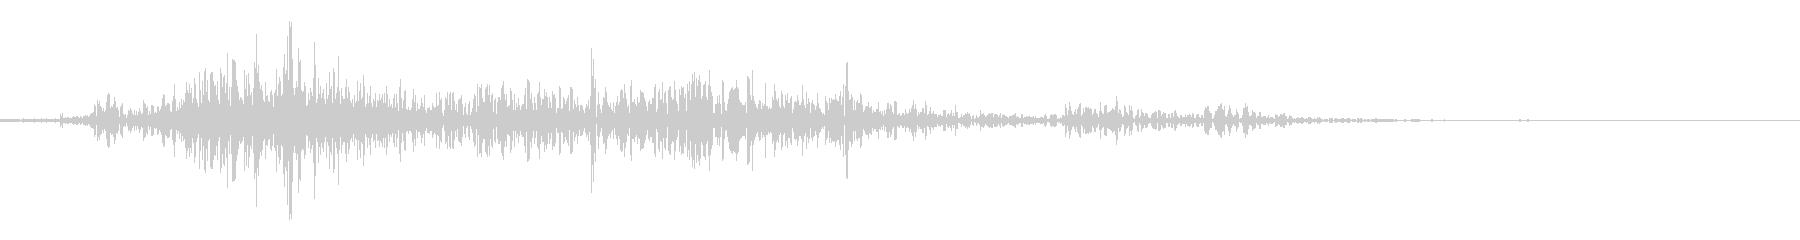 ペラッ(上質な本のページをめくる音の未再生の波形